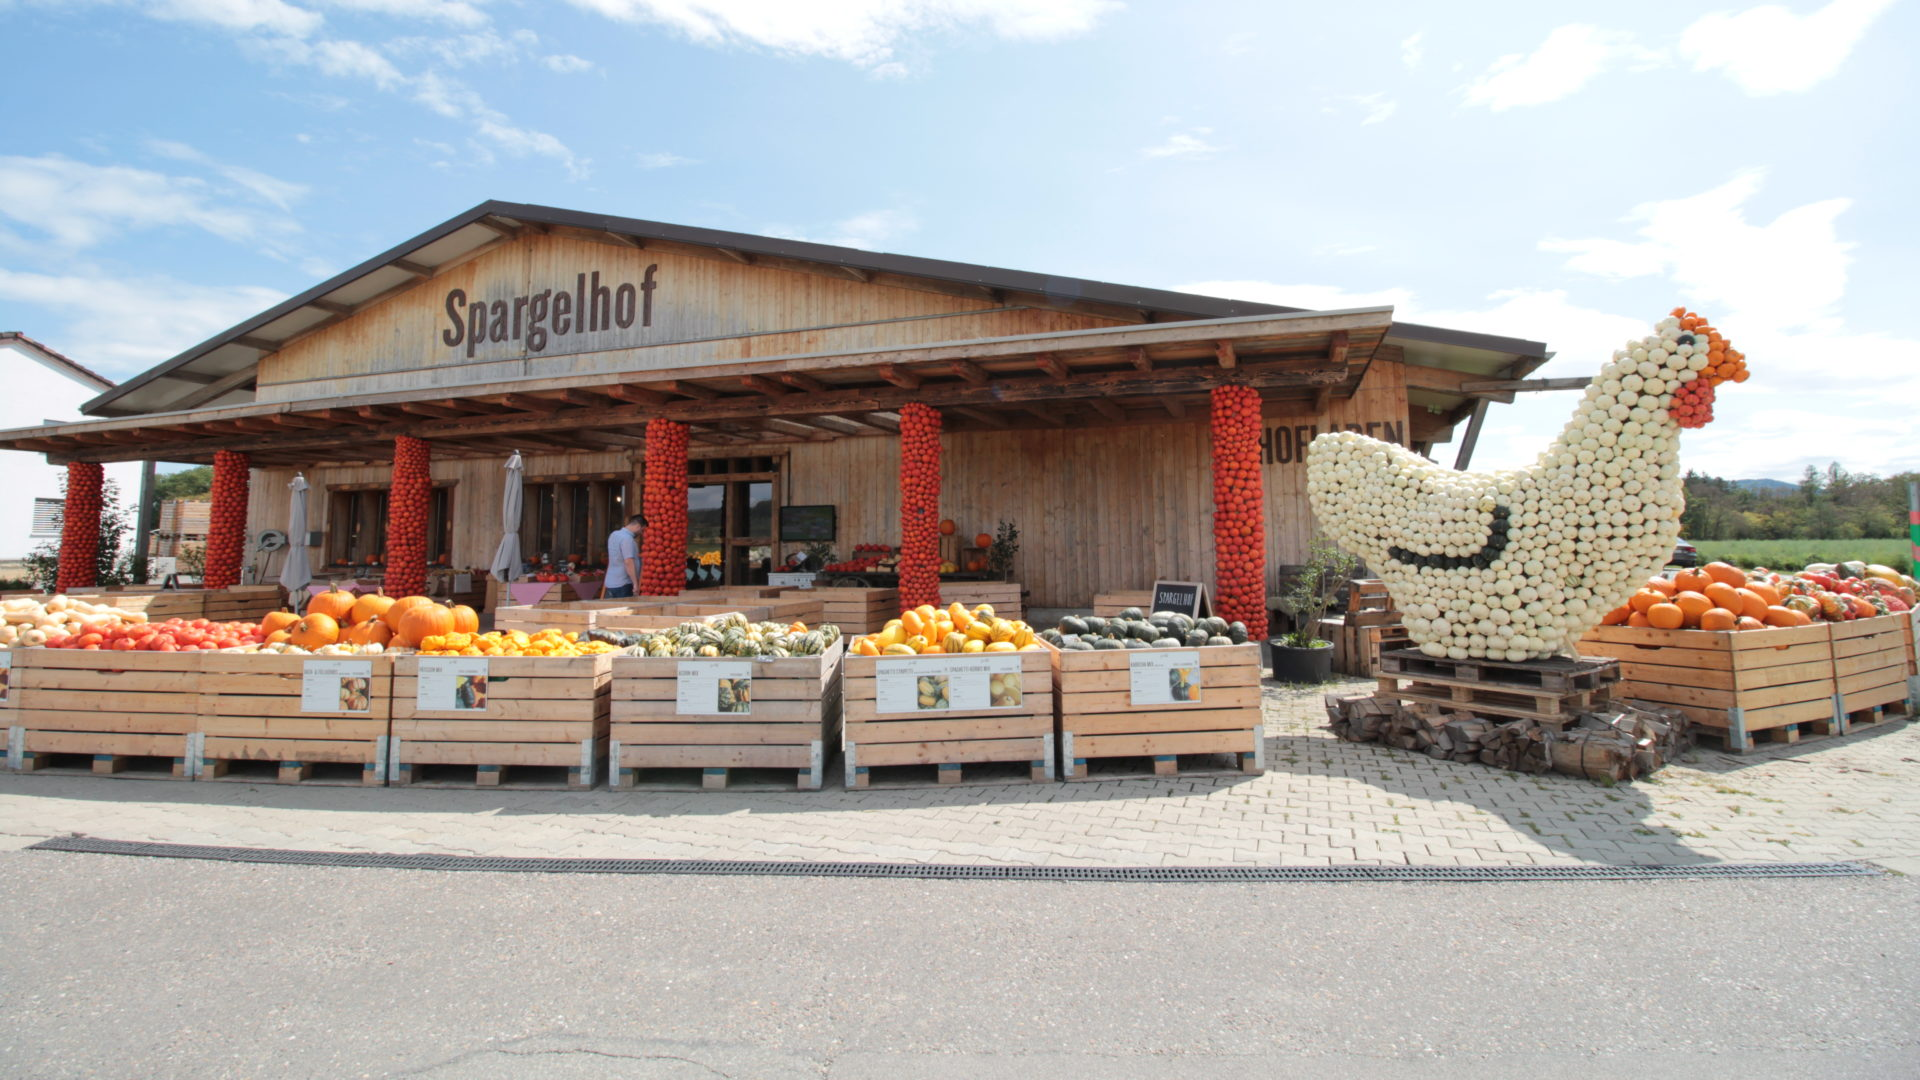 Spargelhof Kürbissaison Hofladen